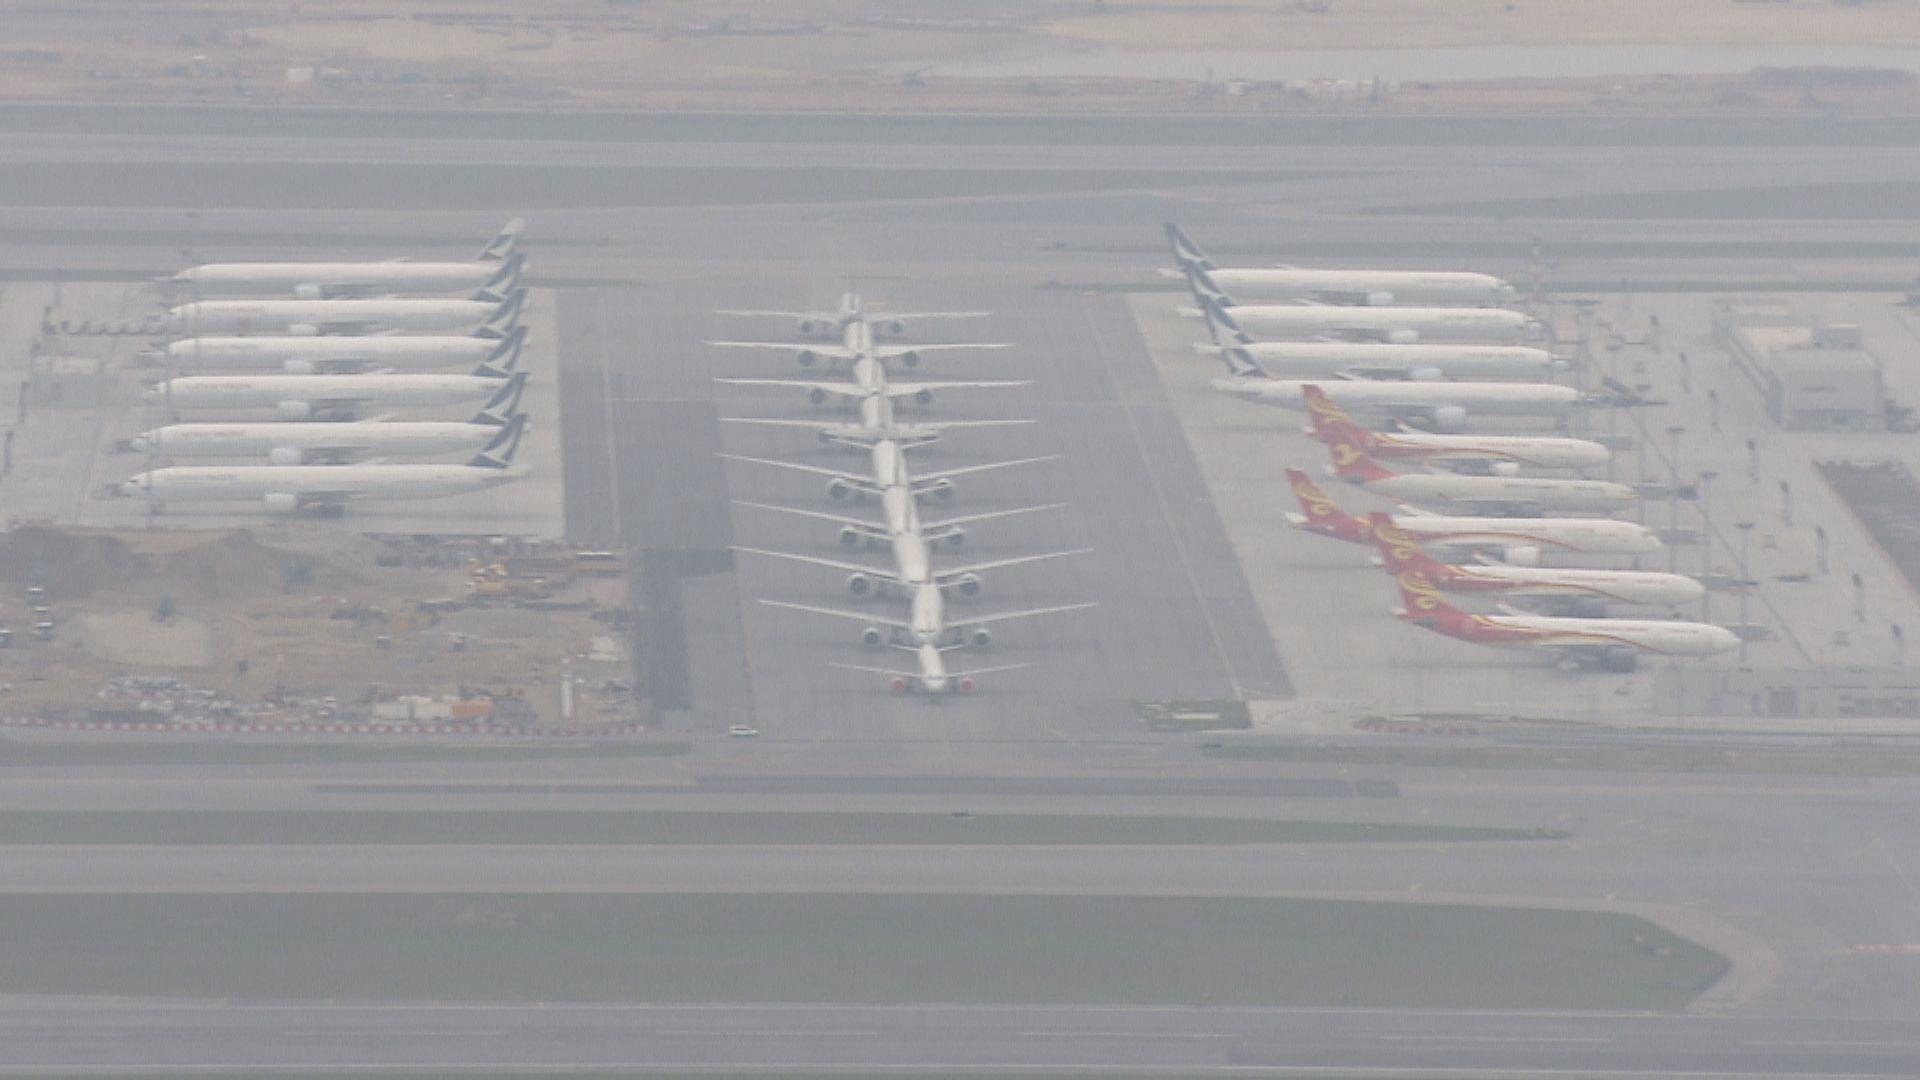 機管局將入股珠海機場 加強大灣區整體航空優勢